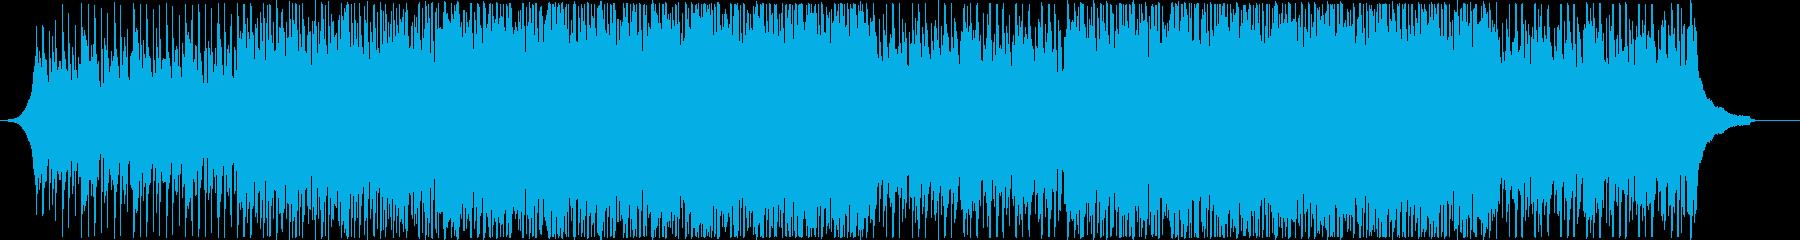 映像・企業VP 創造的なワクワク感(A)の再生済みの波形